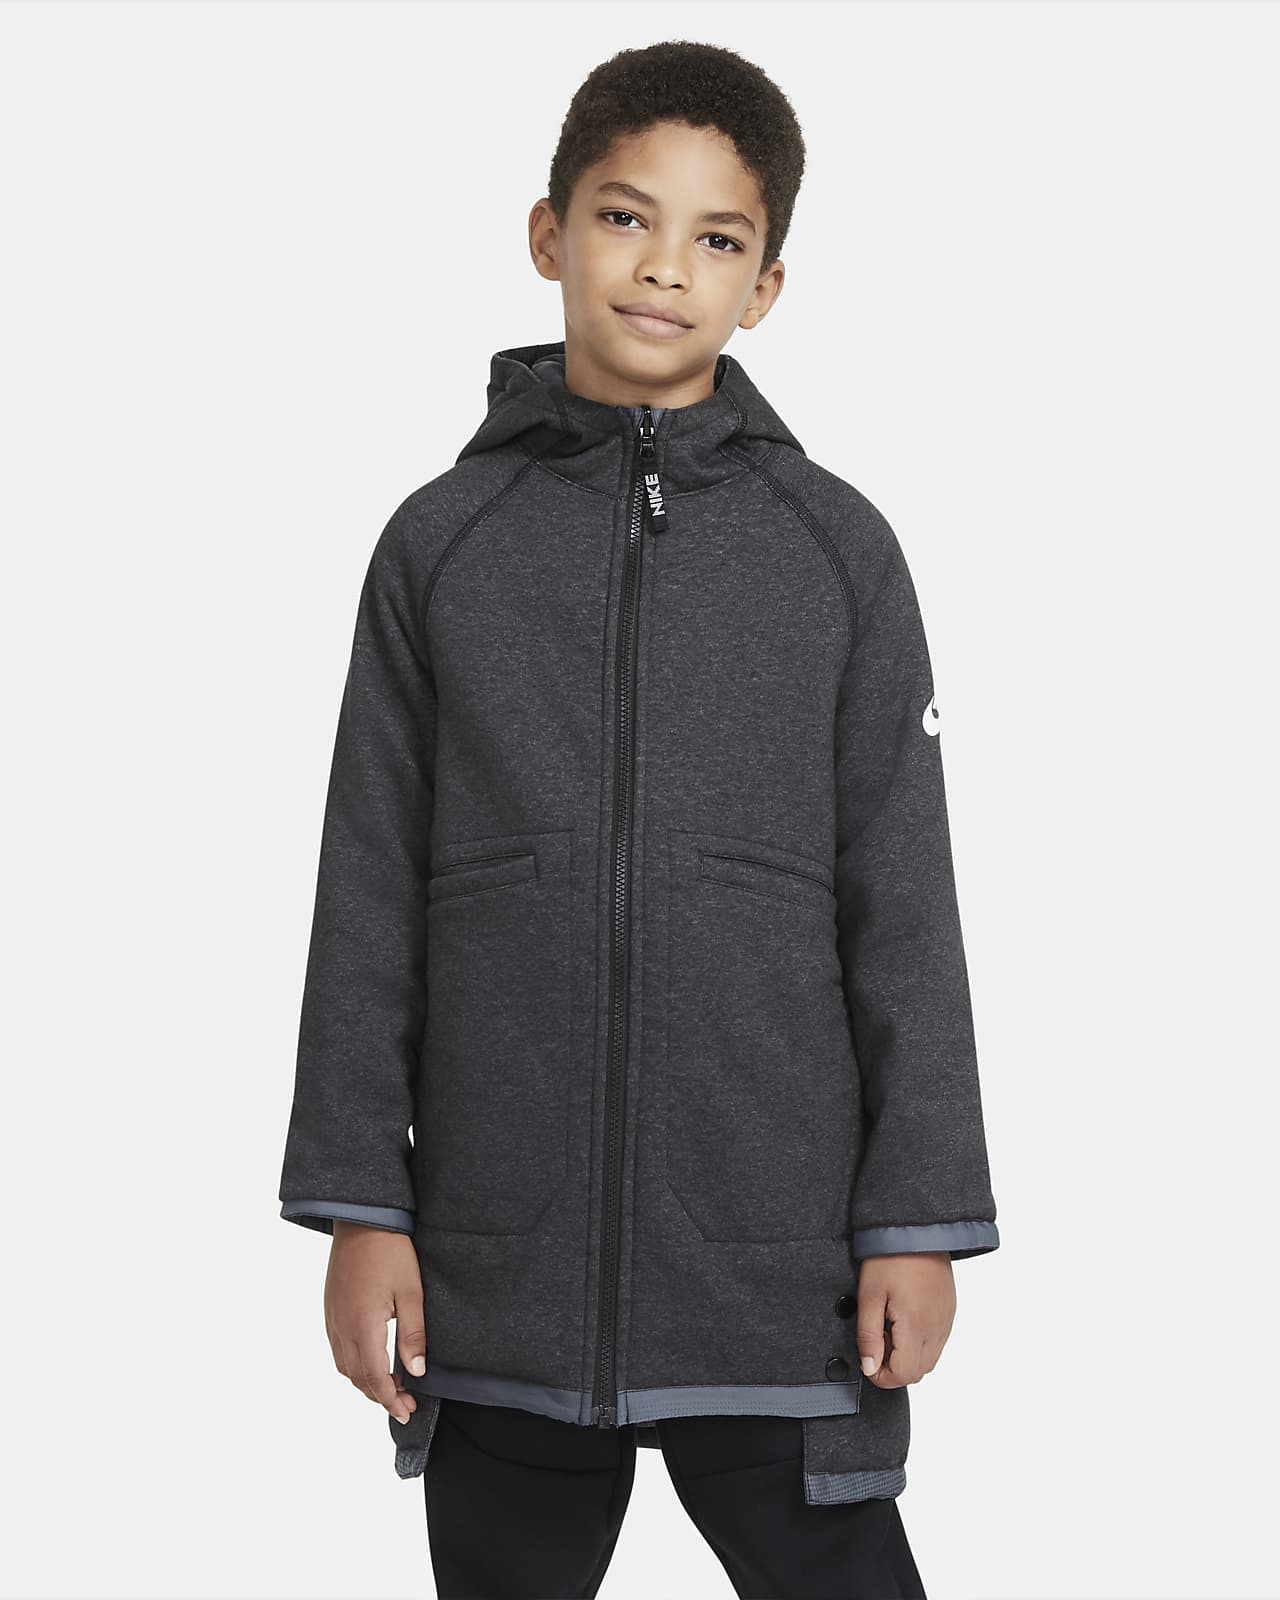 Nike Sportswear Older Kids' Reversible Parka